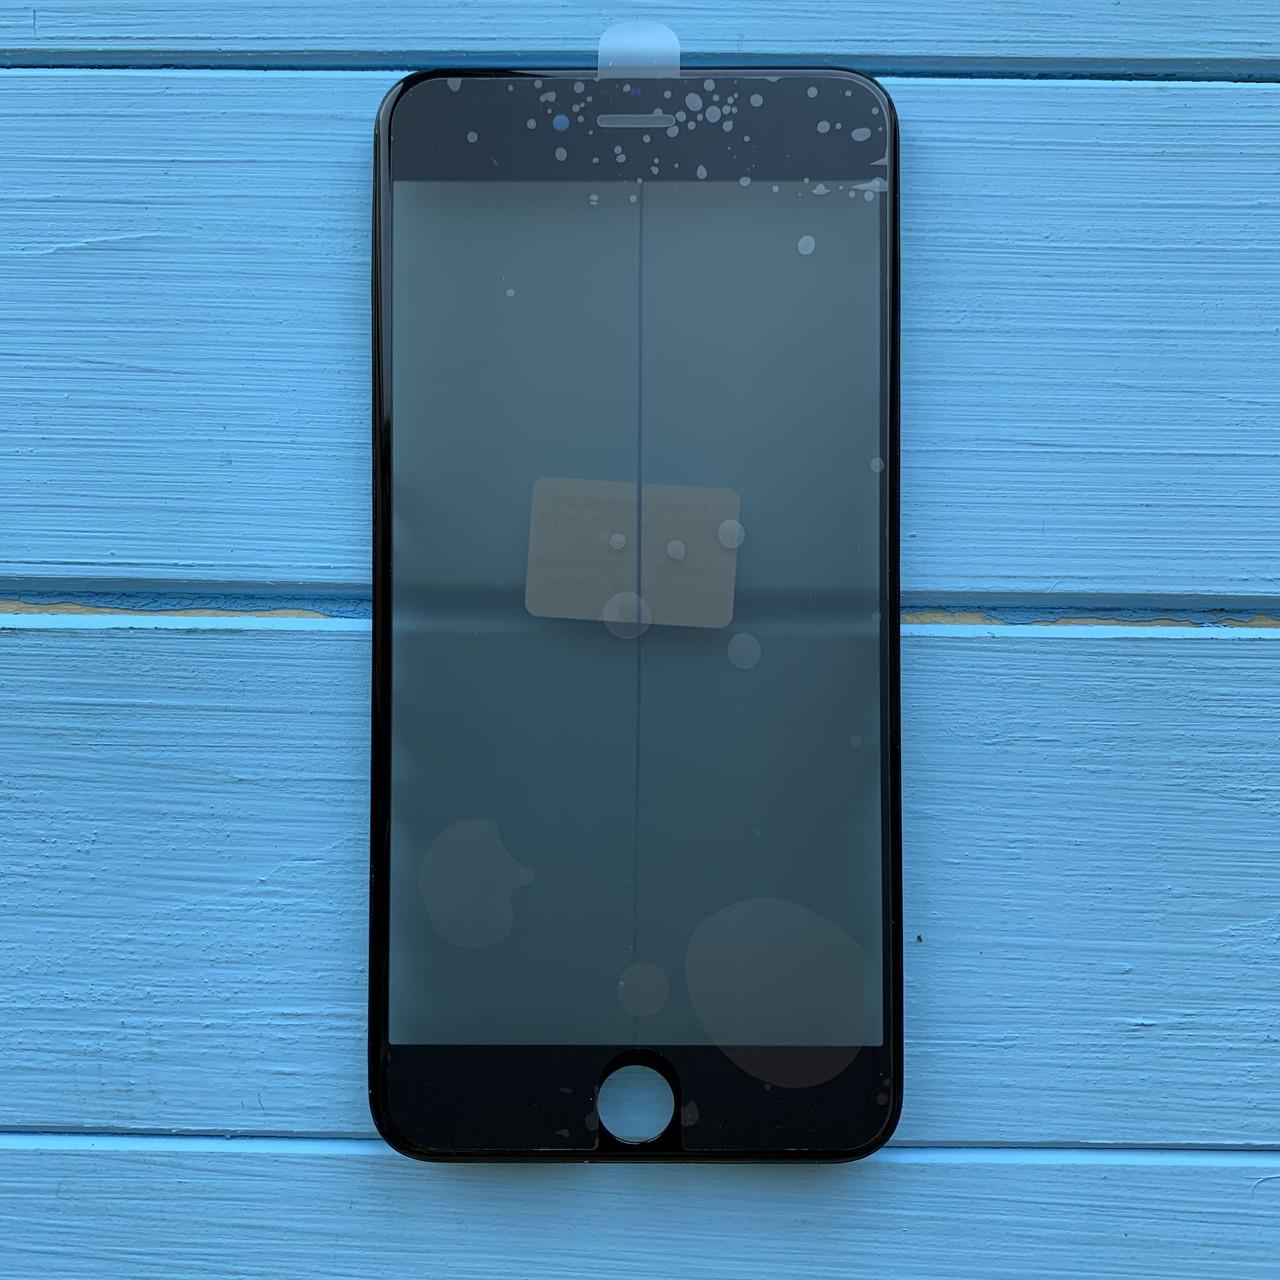 Стекло корпуса Apple iPhone 6S Plus с рамкой, OCA пленкой, поляризационной пленкой Black